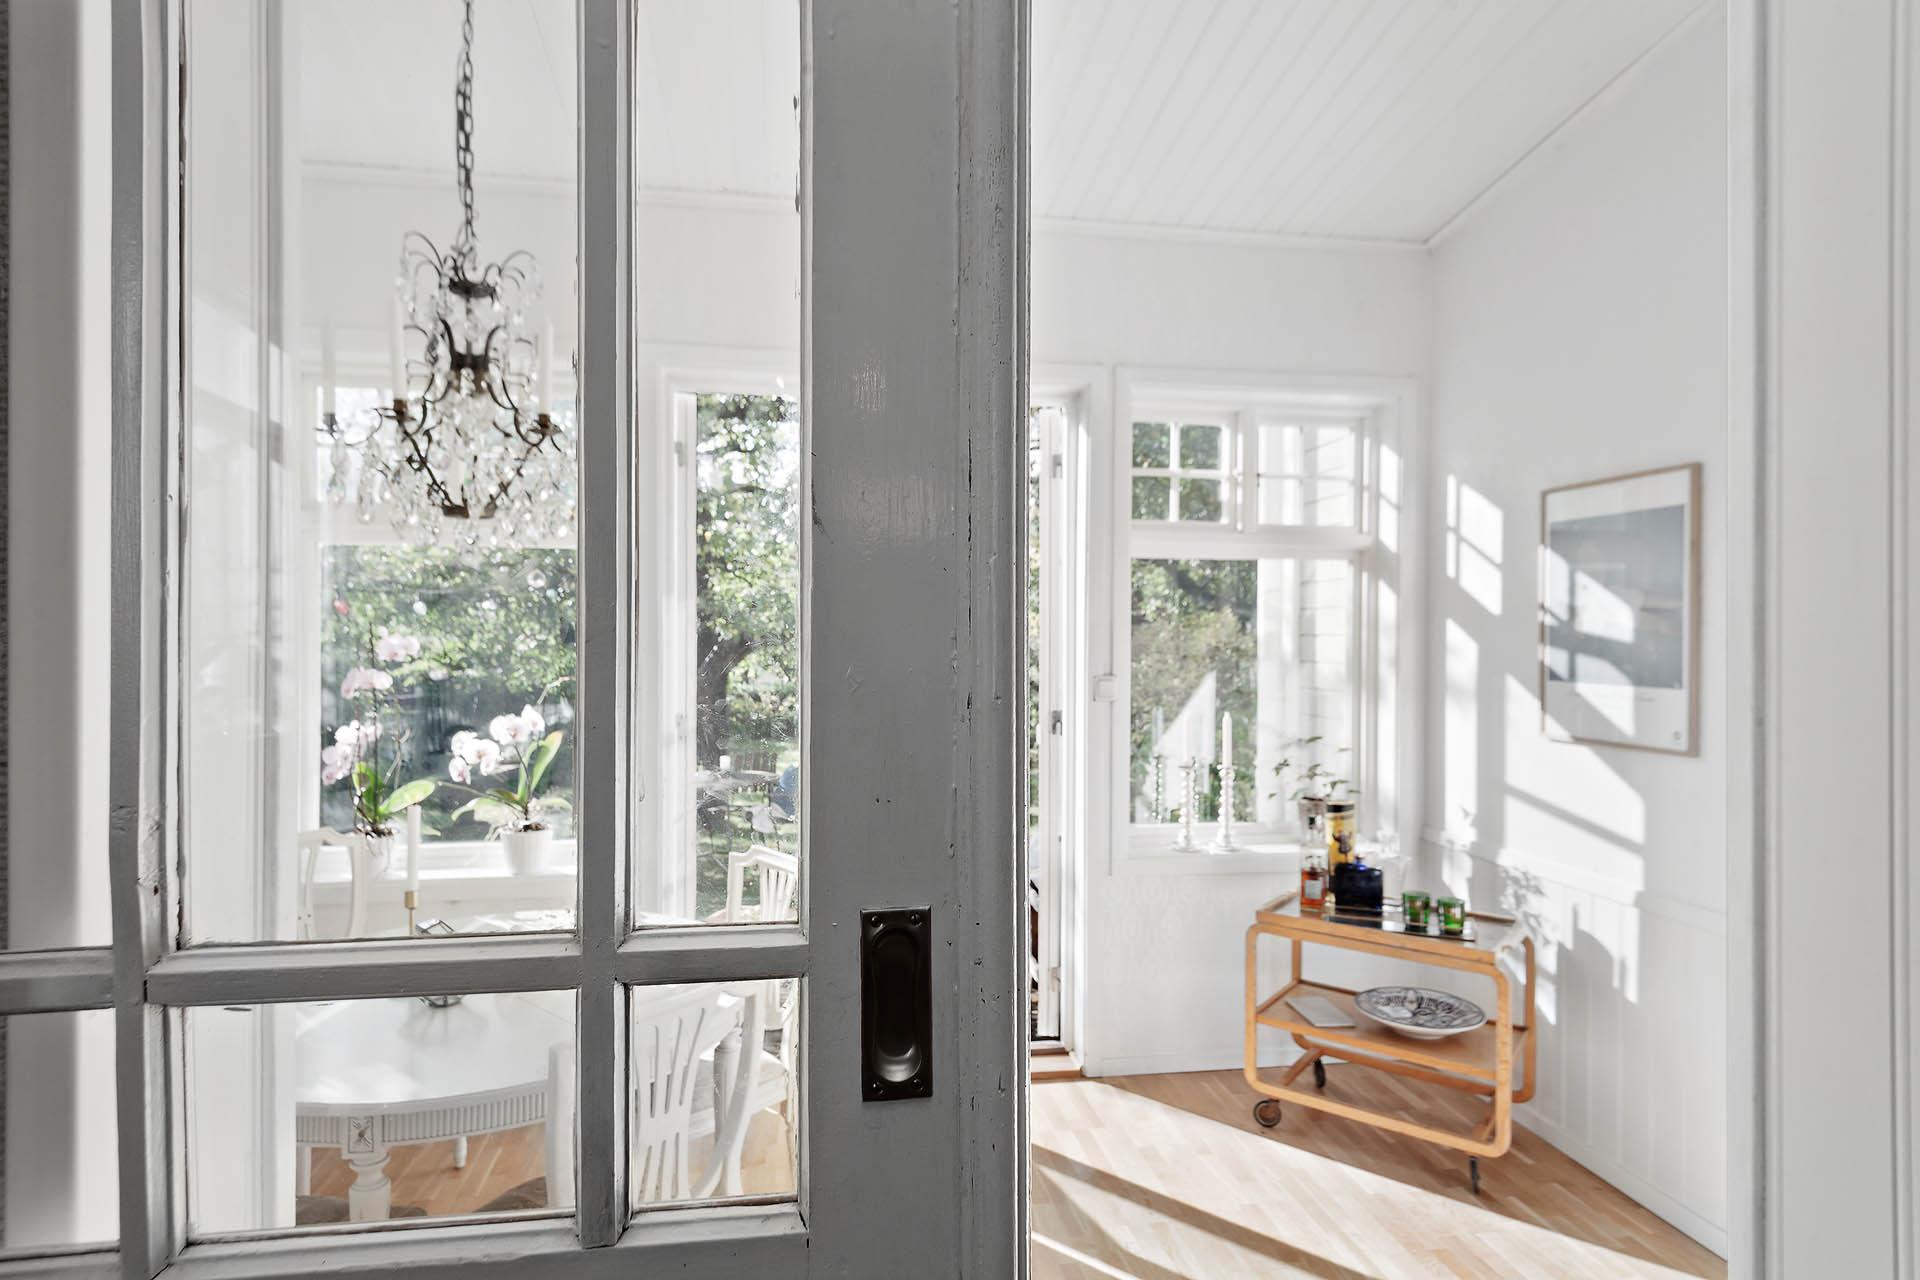 Vackra skjutdörrar gränsar av mellan vardagsrum och blomsterrum.